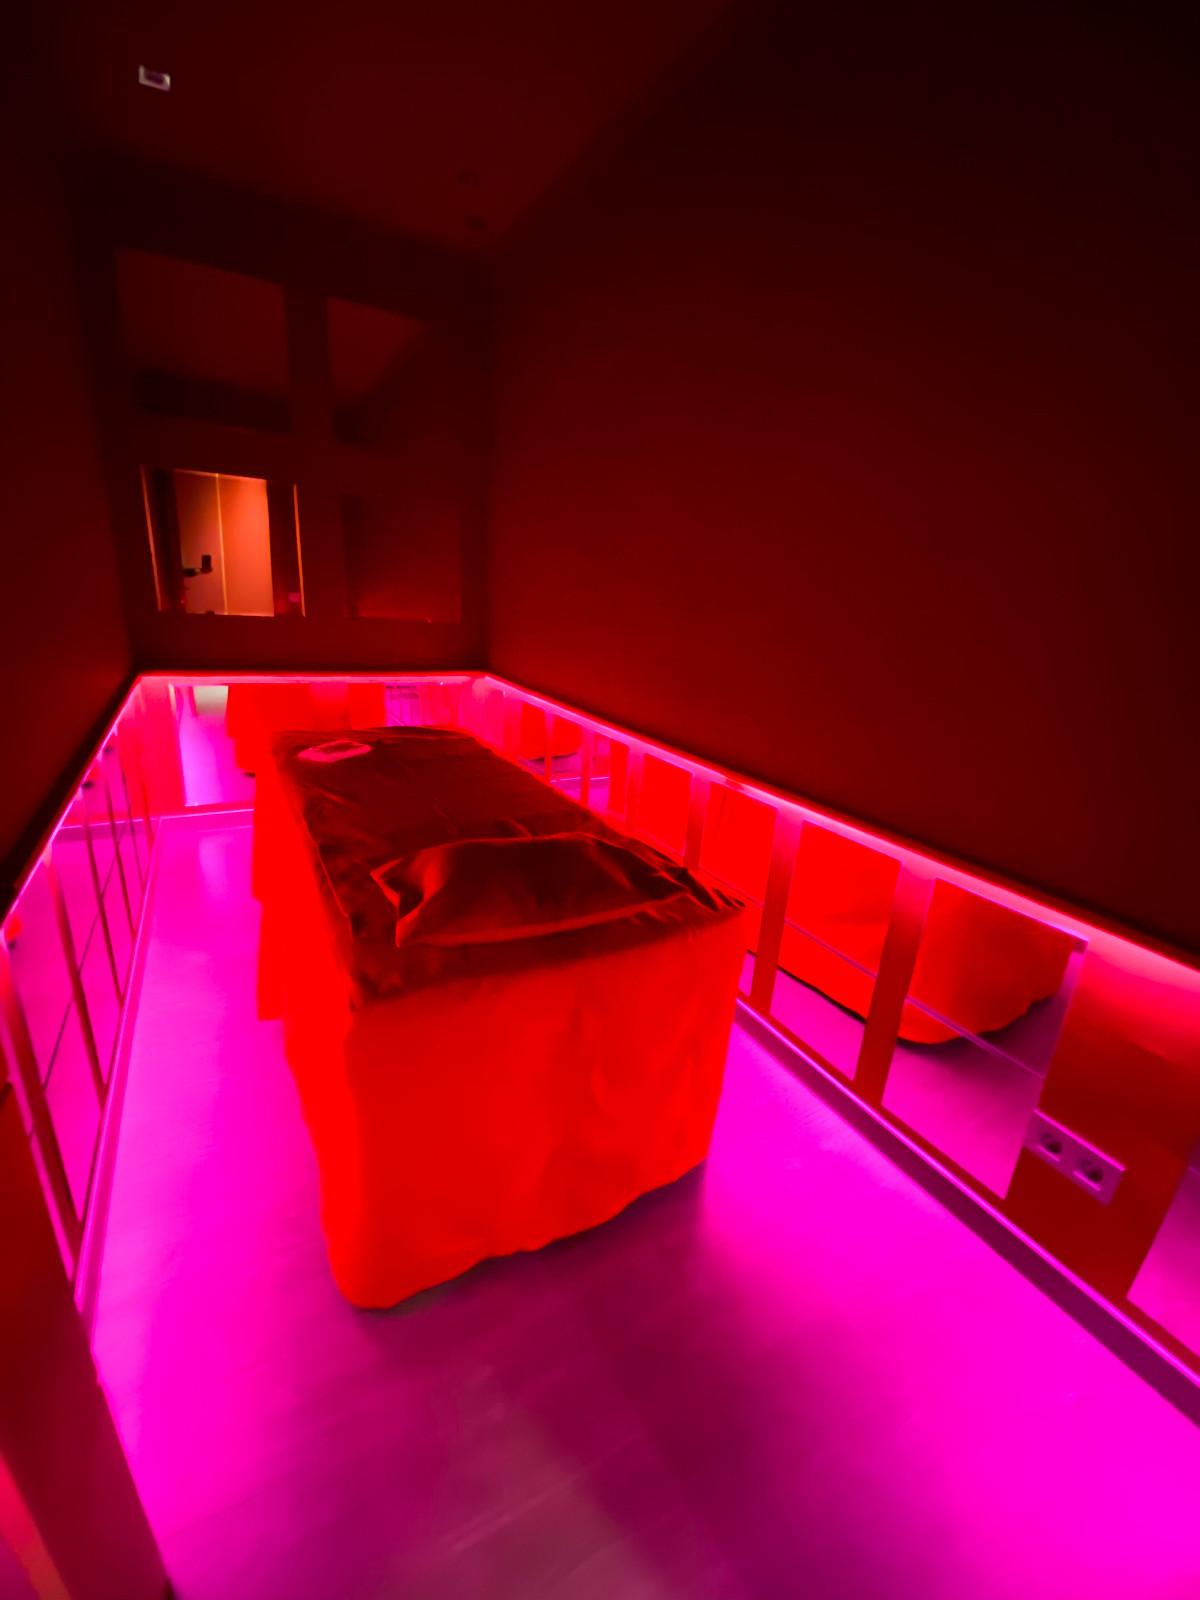 4 Bedrooms - 4 Bathrooms